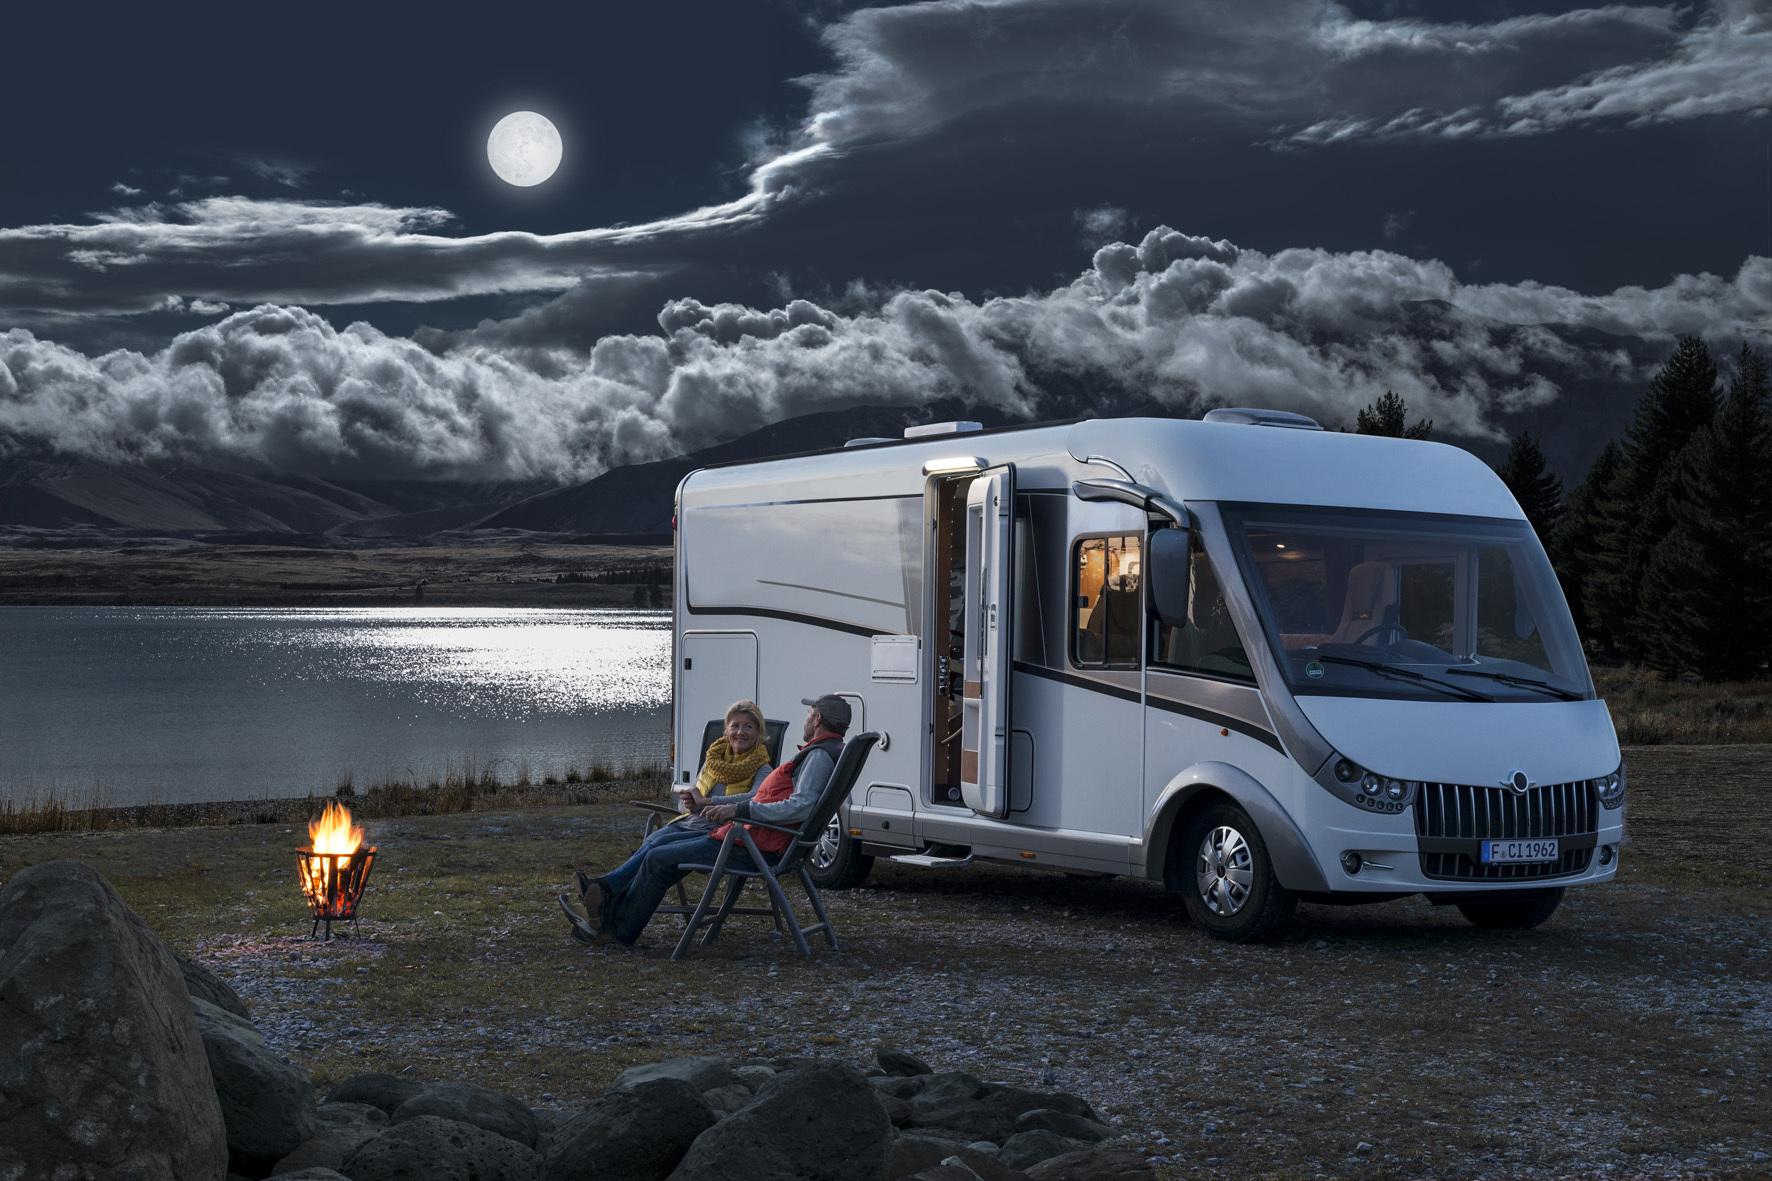 mid Düsseldorf - Wenn die Nächte im Herbst kälter werden, sorgen Klimaanlagen mit Wärmepumpe für wohlige Wärme im Camping-Mobil.